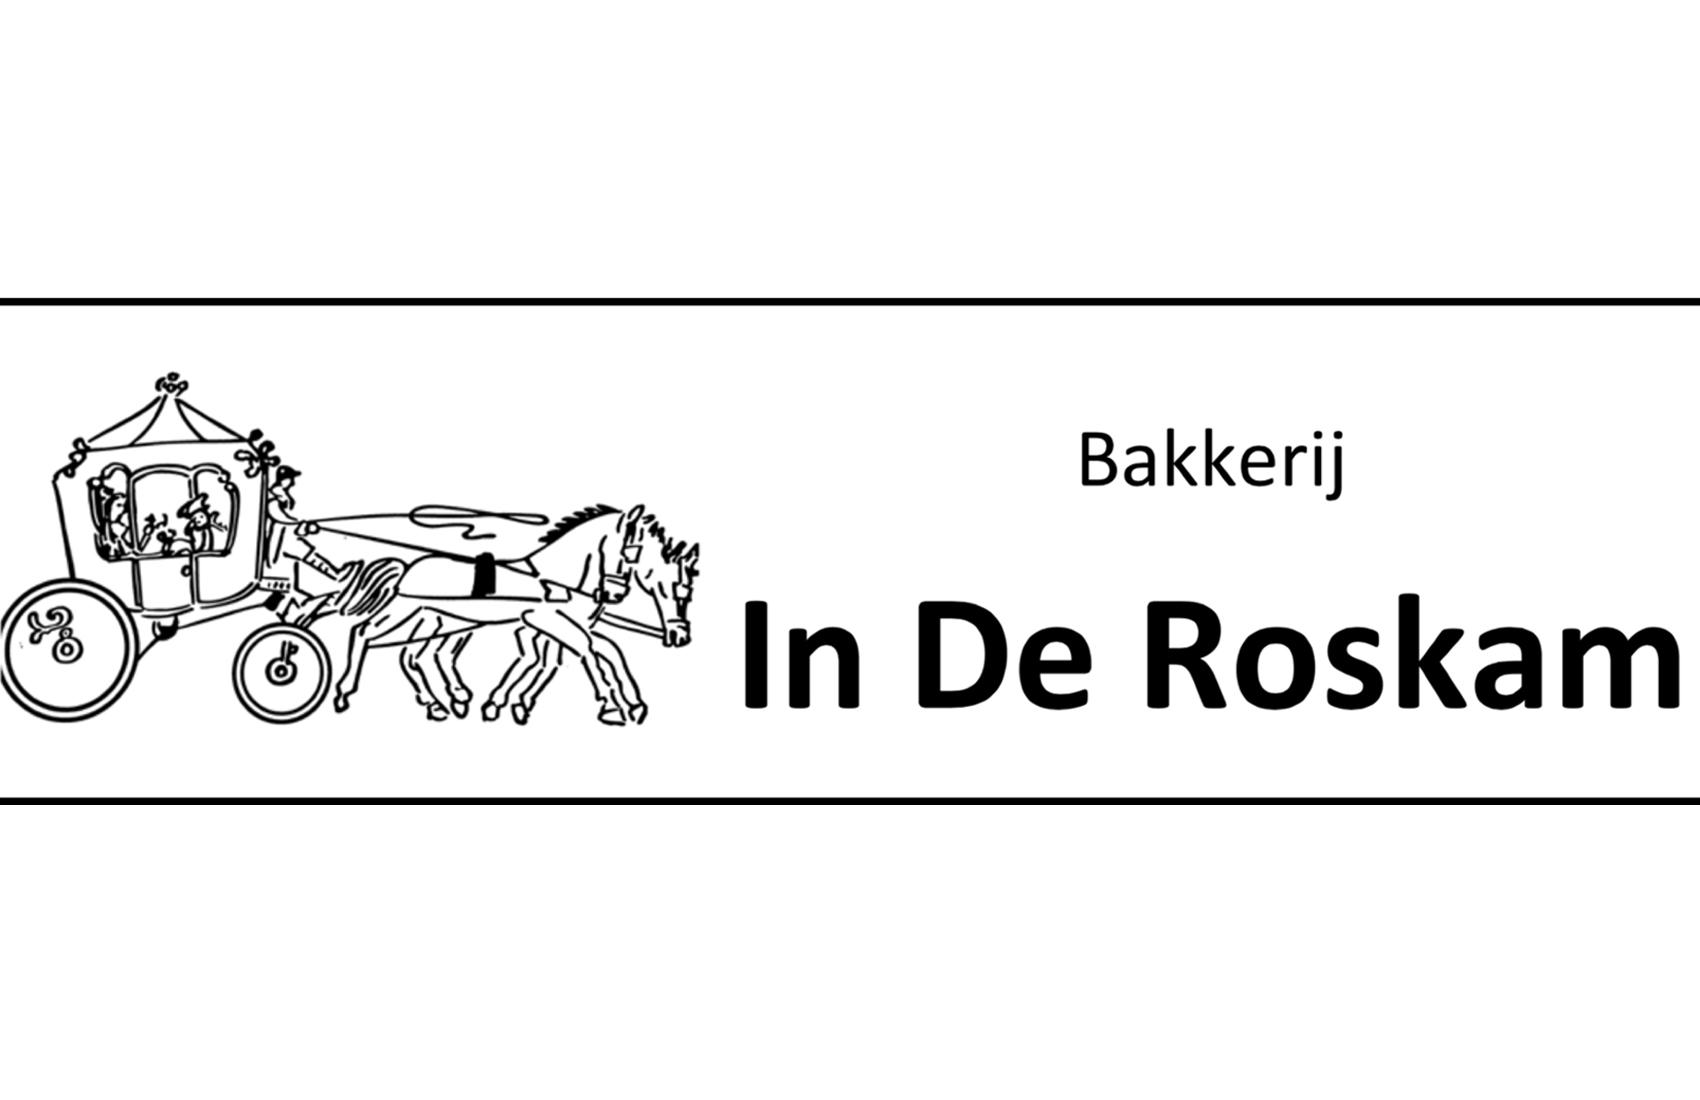 In de Roskam Bakkerij